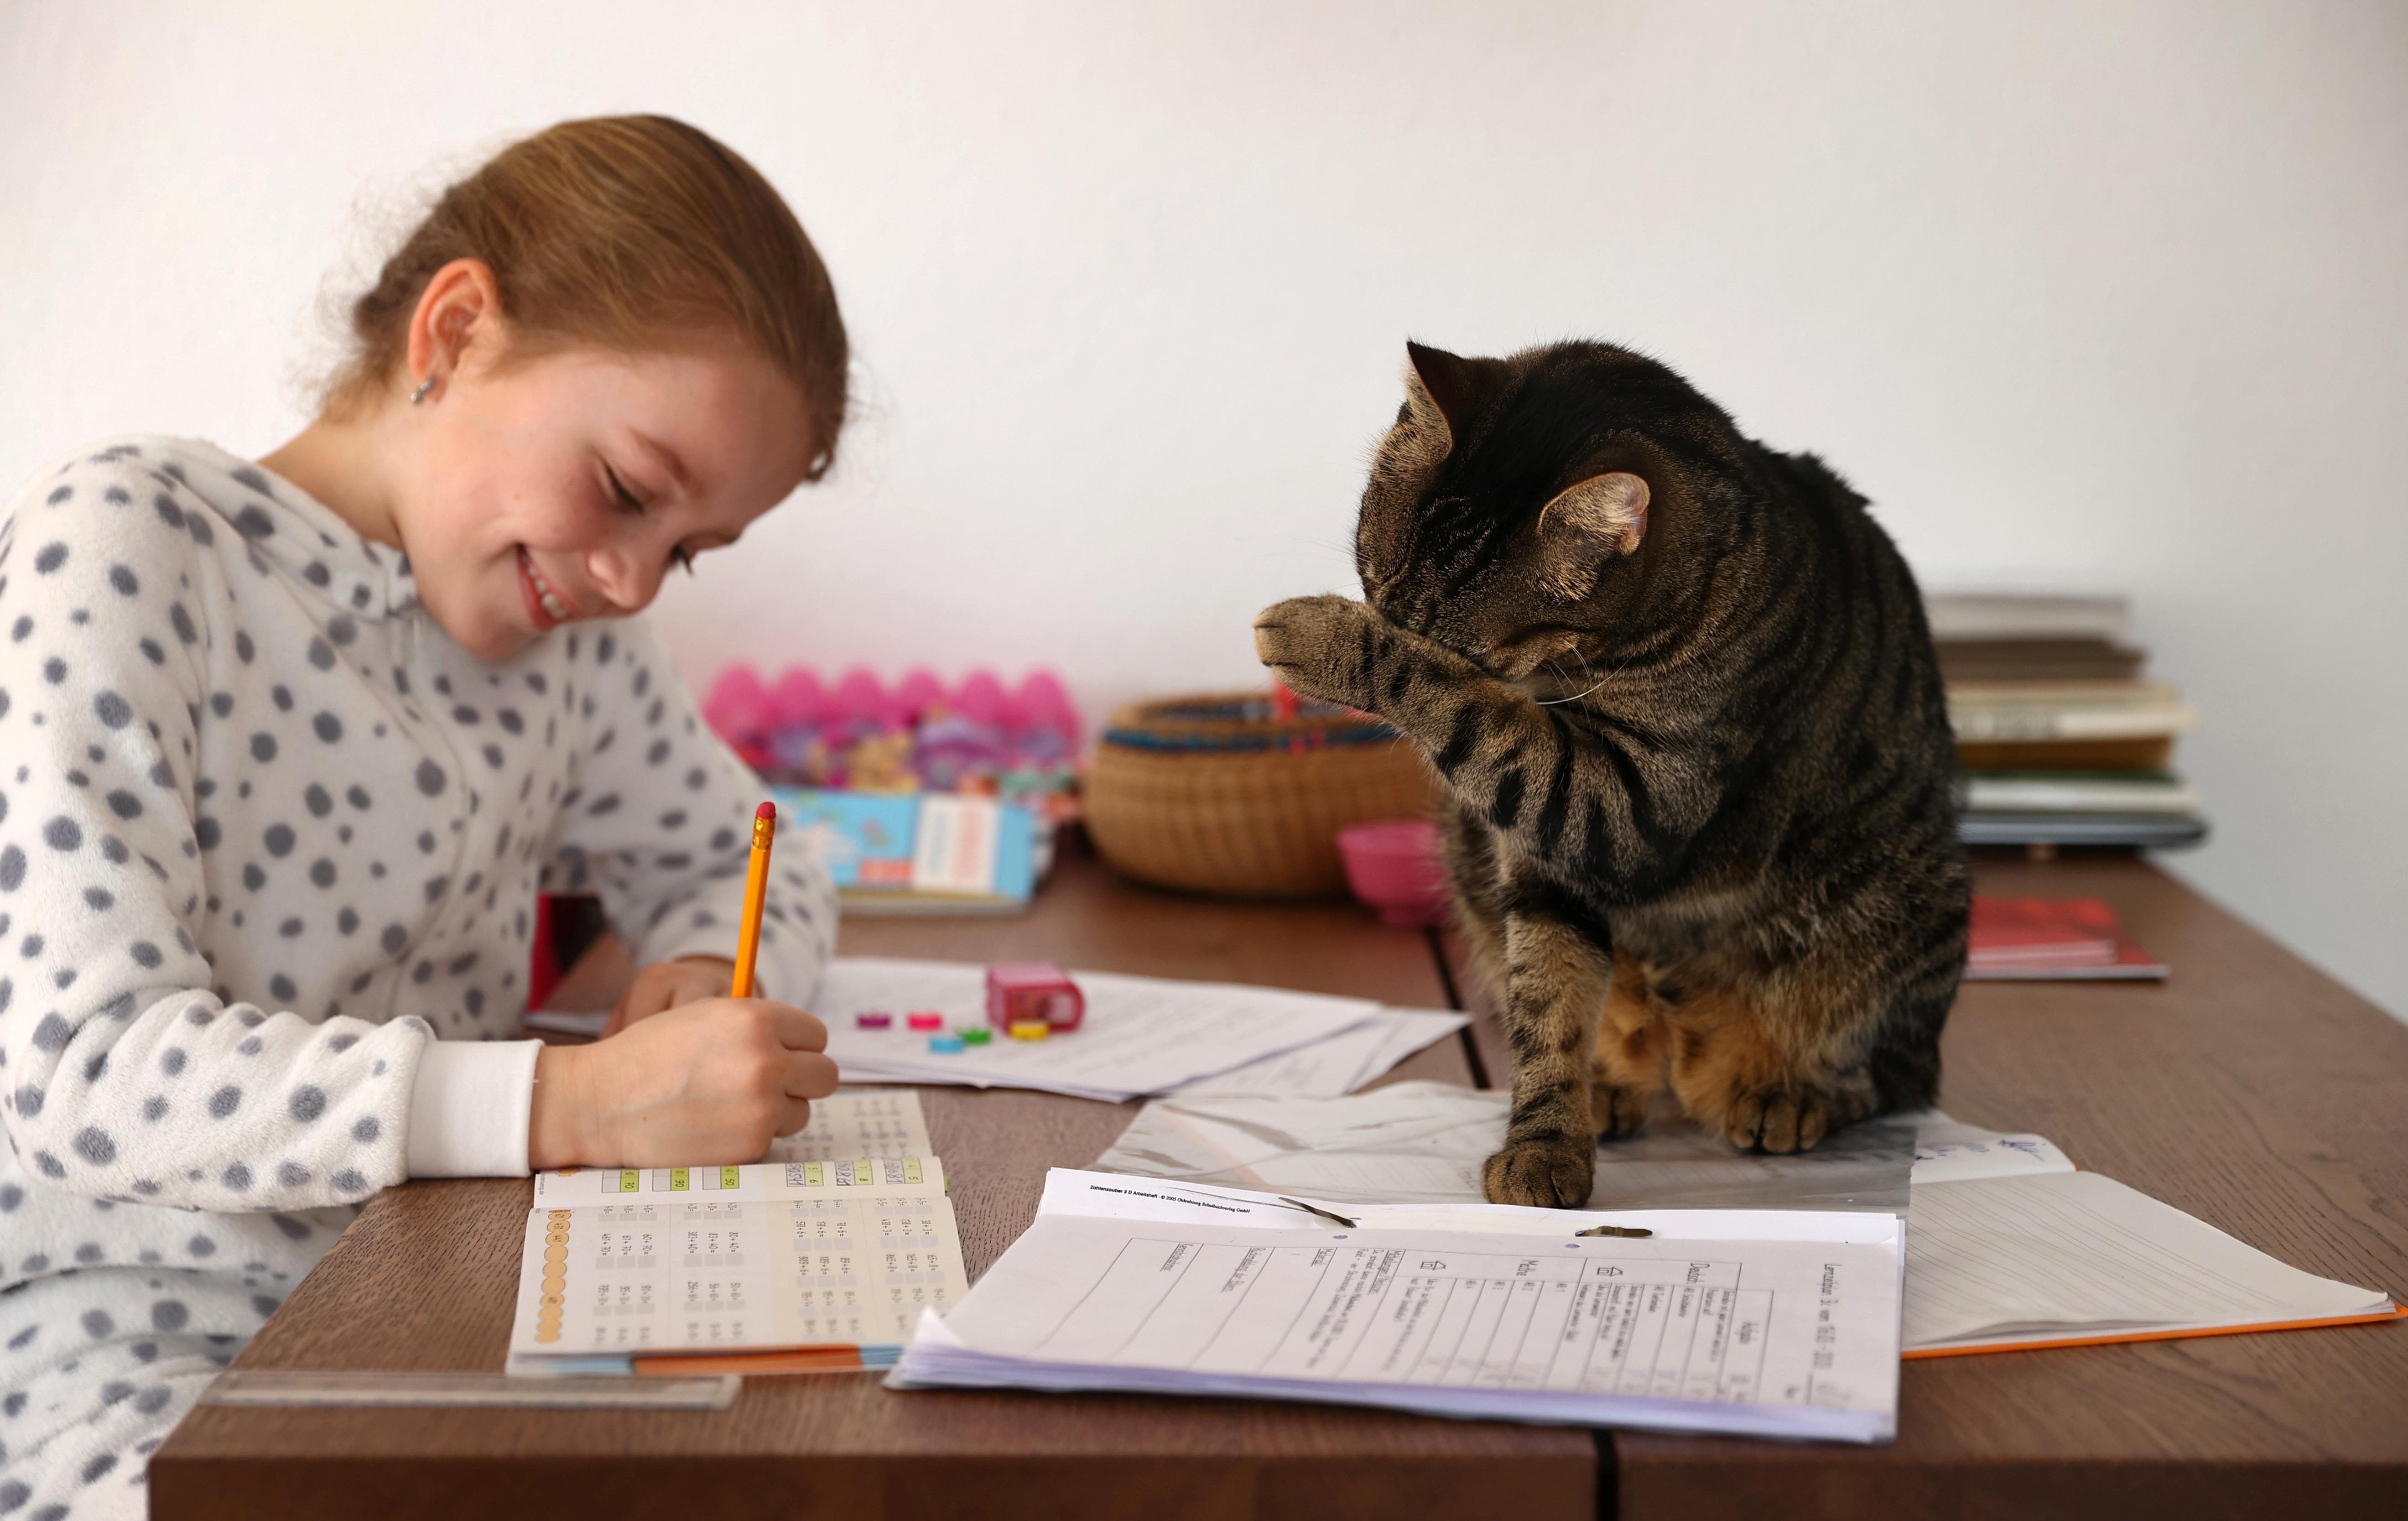 Criança em casa para evitar transmissão do coronavírus acompanhada de gato